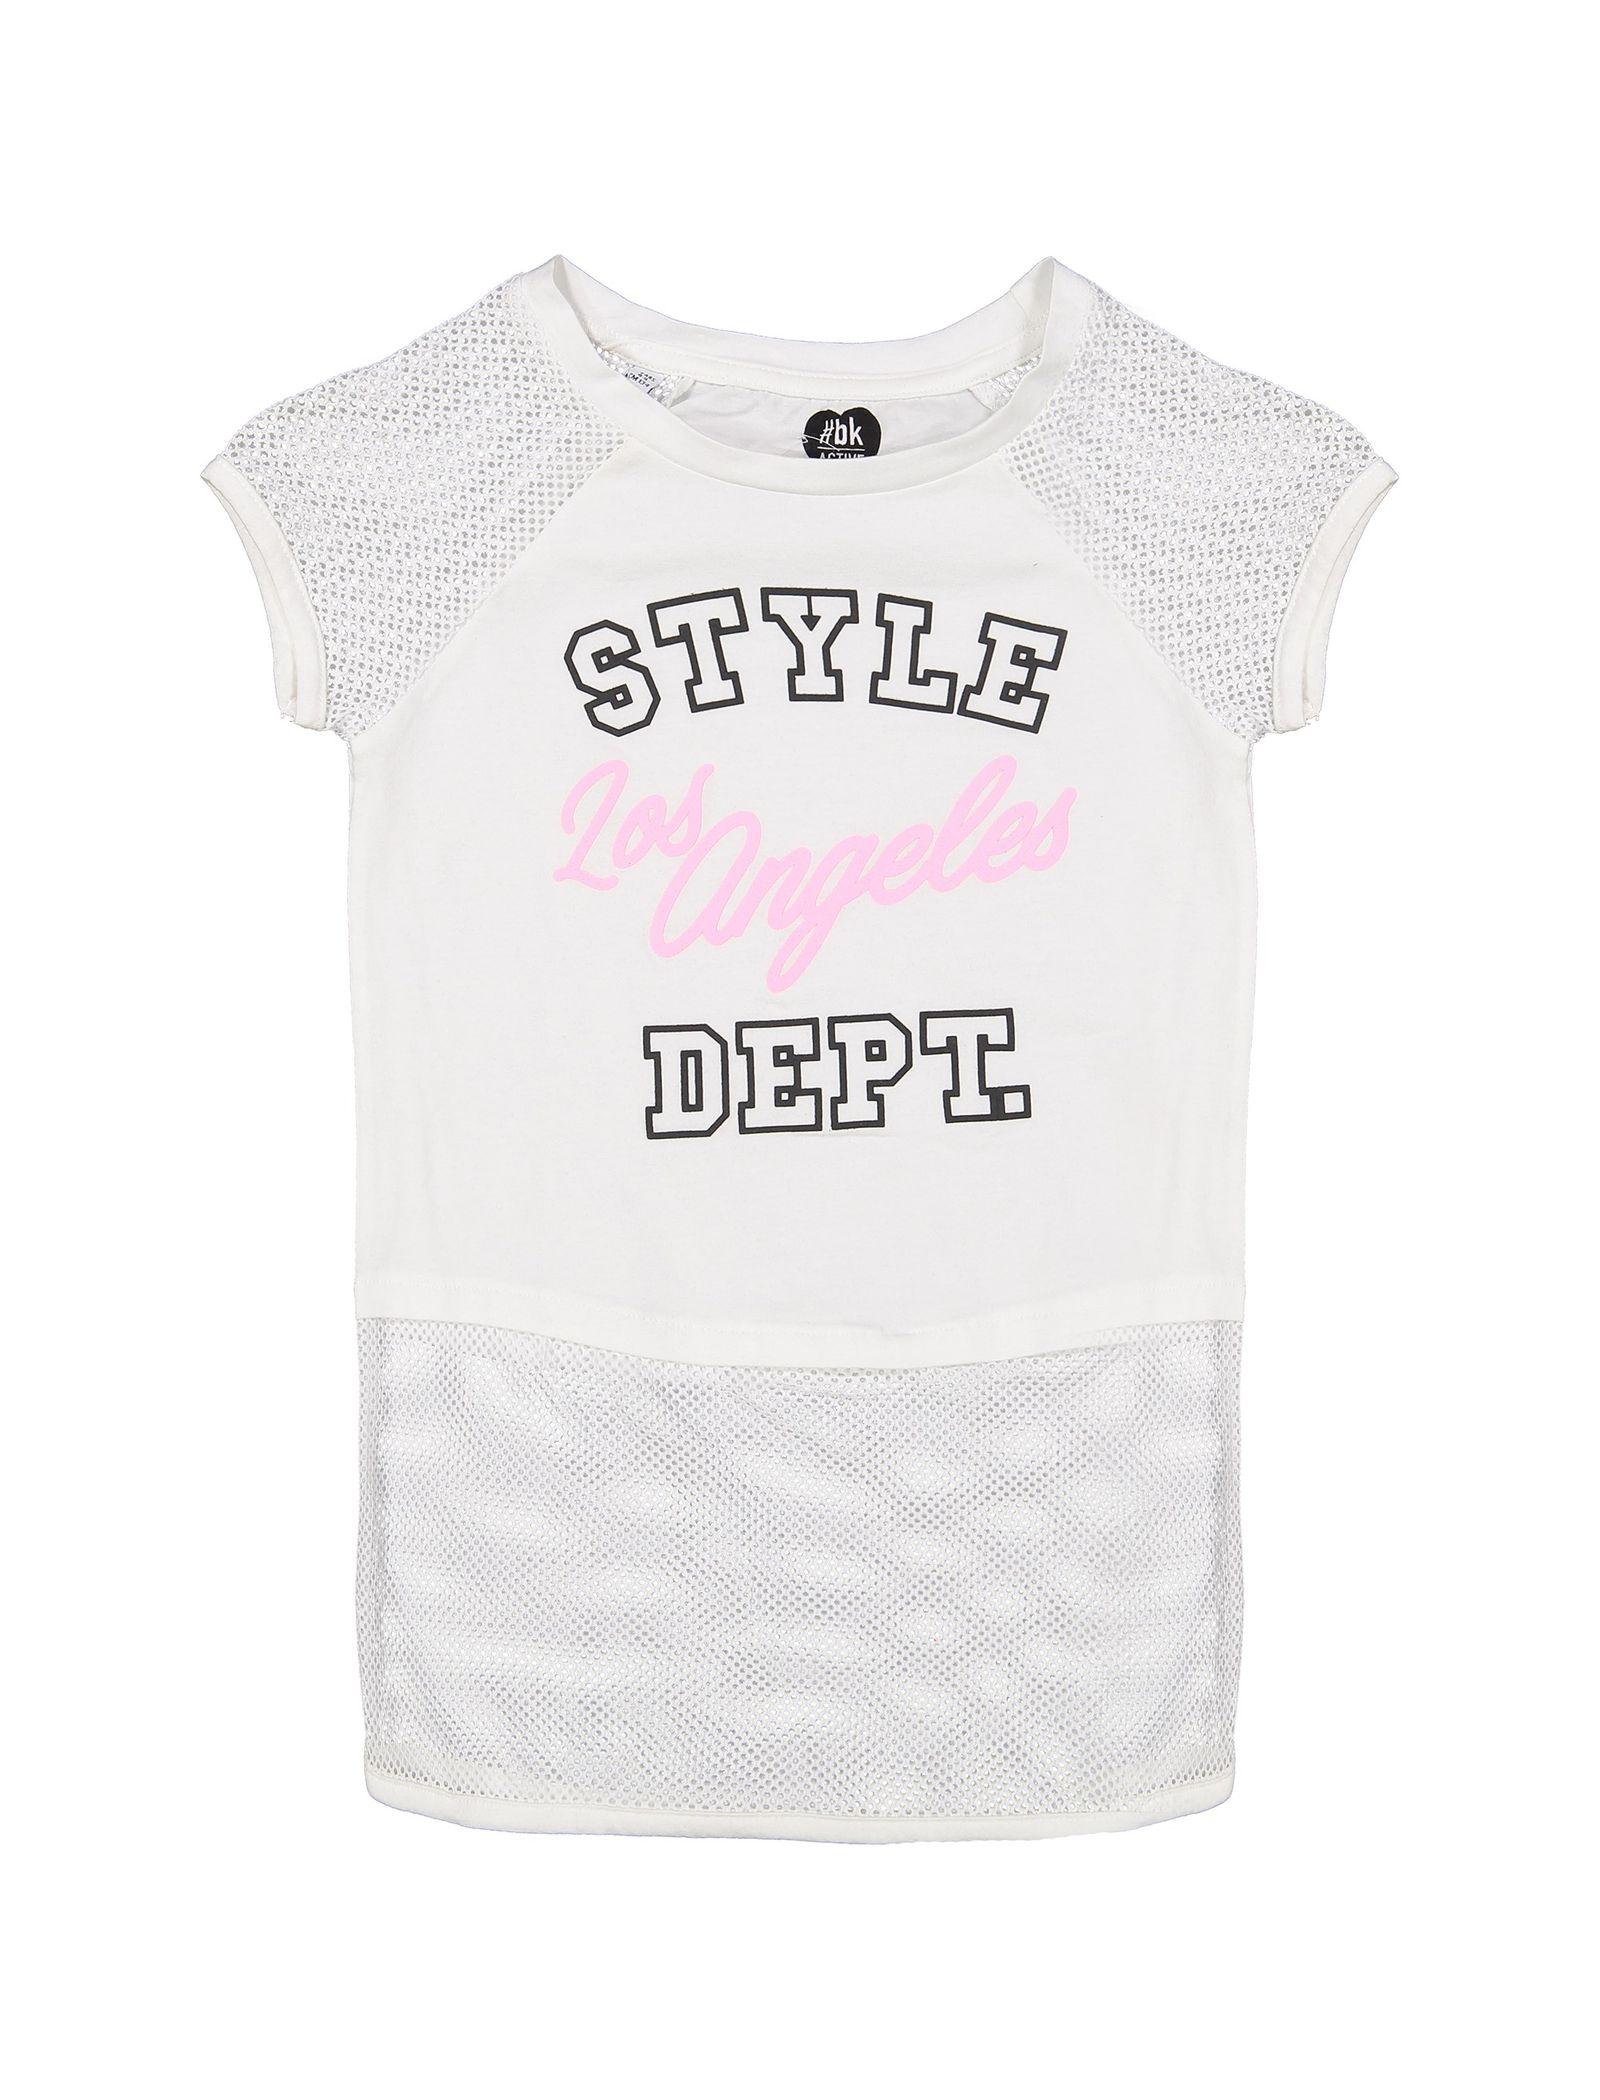 تی شرت و شلوار دخترانه - بلوکیدز - سفيد/مشکي - 2